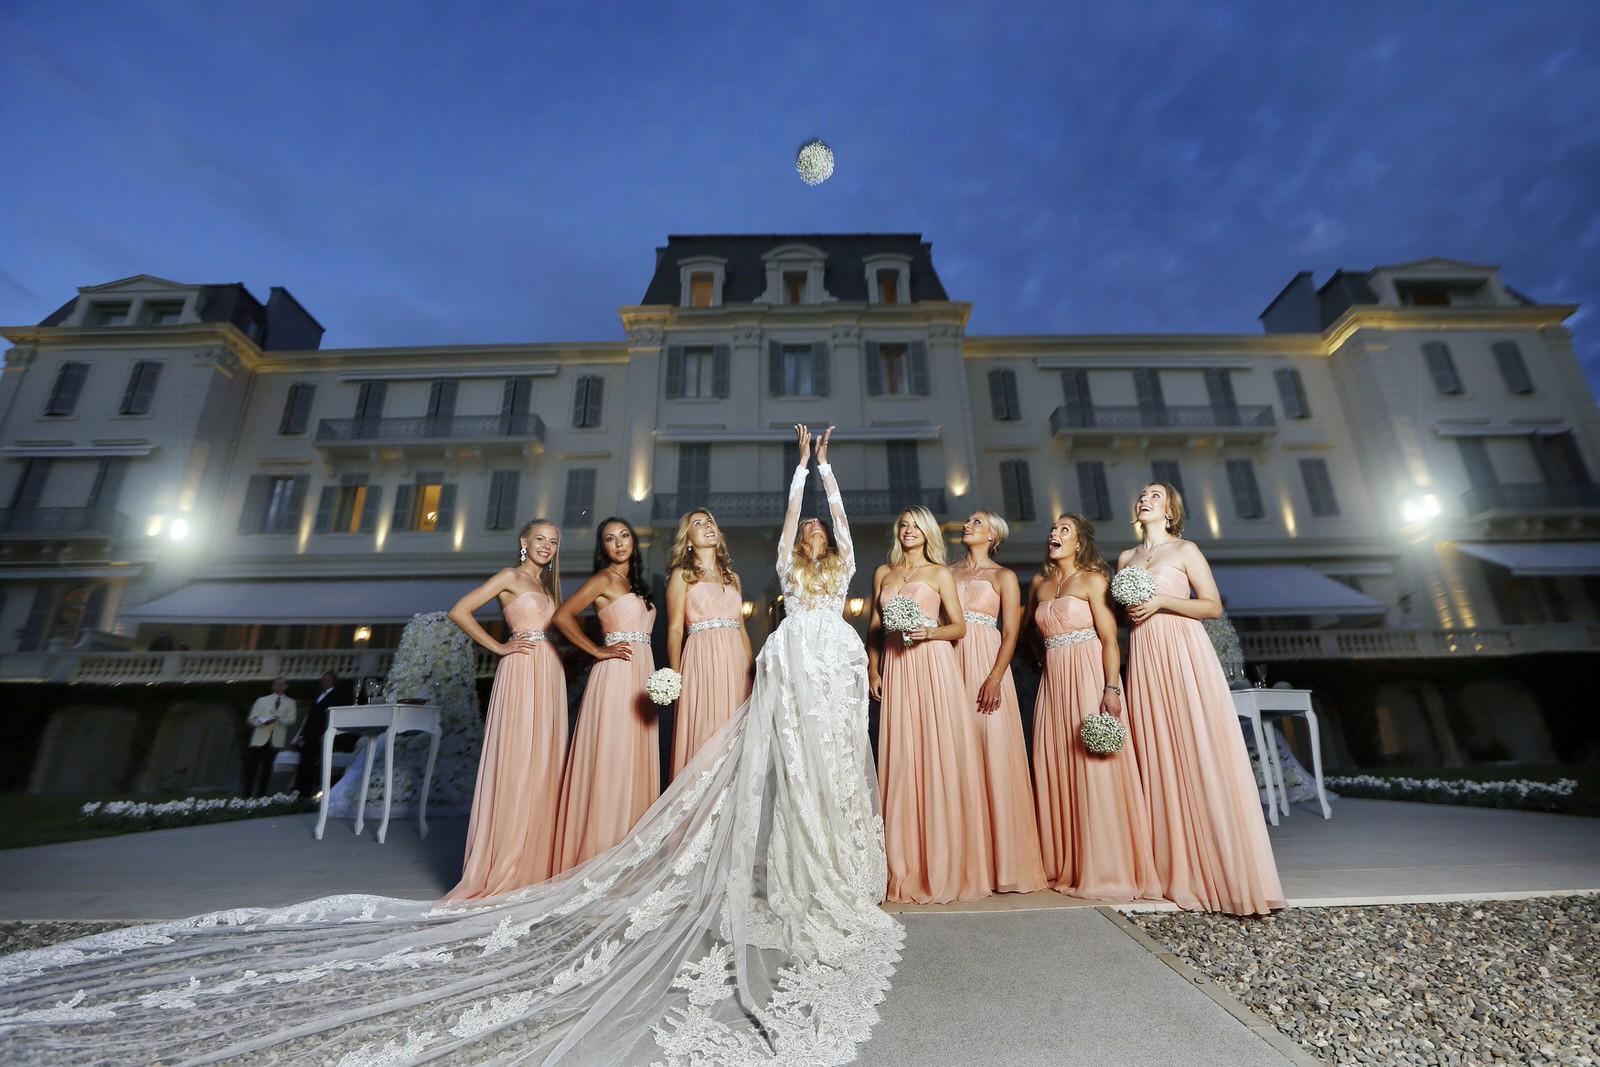 french-wedding-wedding-in-france-destination-wedding-photographer_0020.jpg